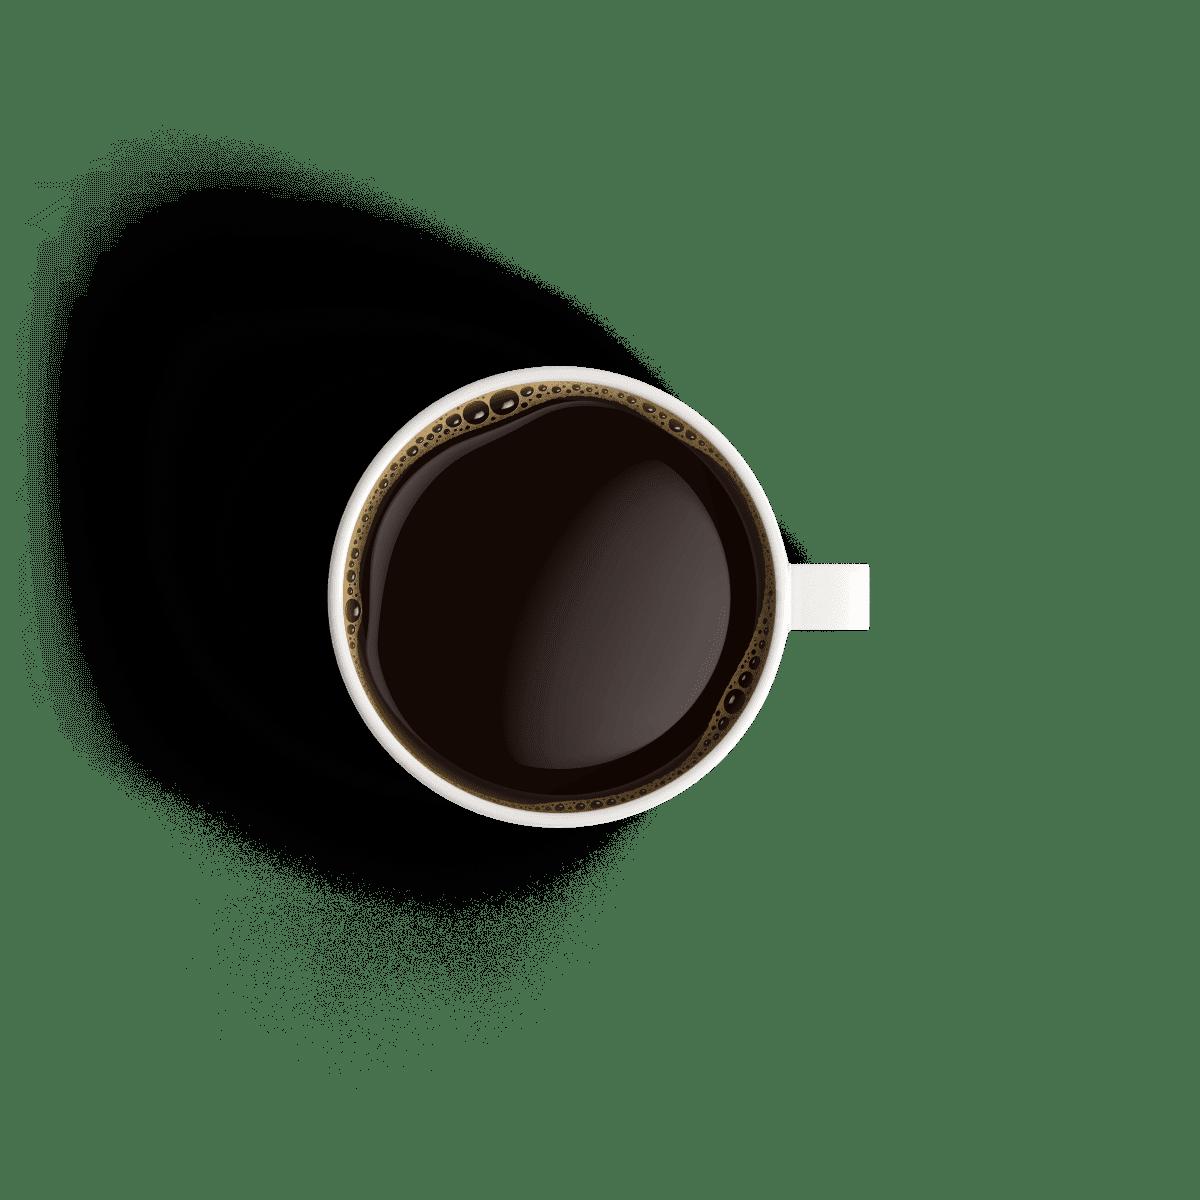 Digital Marketing Agency, coffee cup